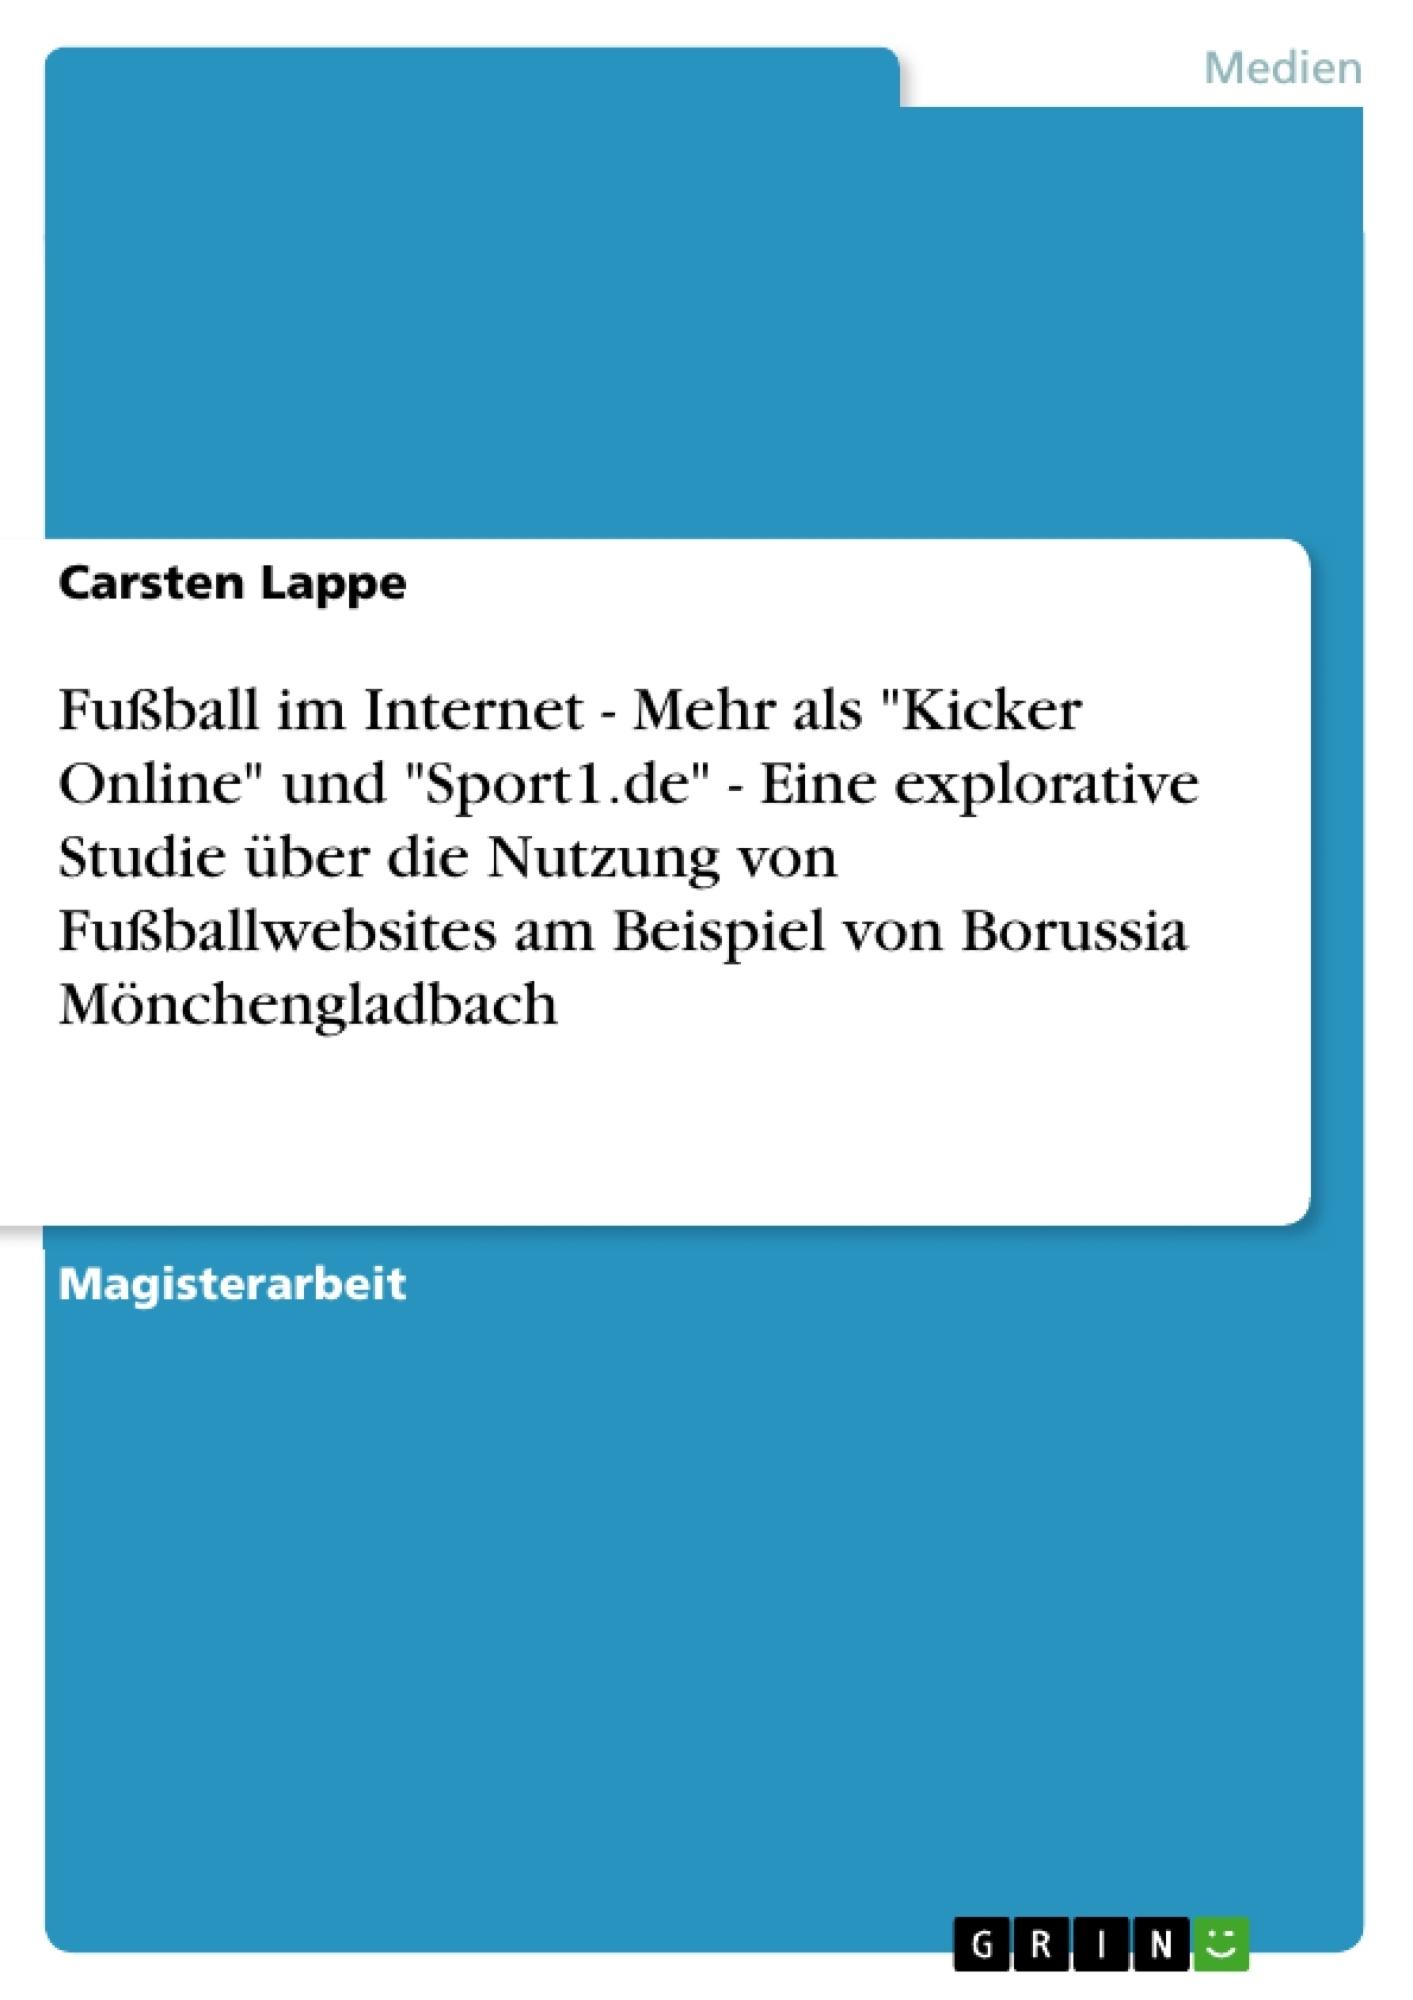 """Titel: Fußball im Internet - Mehr als """"Kicker Online"""" und """"Sport1.de"""" - Eine explorative Studie über die Nutzung von Fußballwebsites am Beispiel von Borussia Mönchengladbach"""